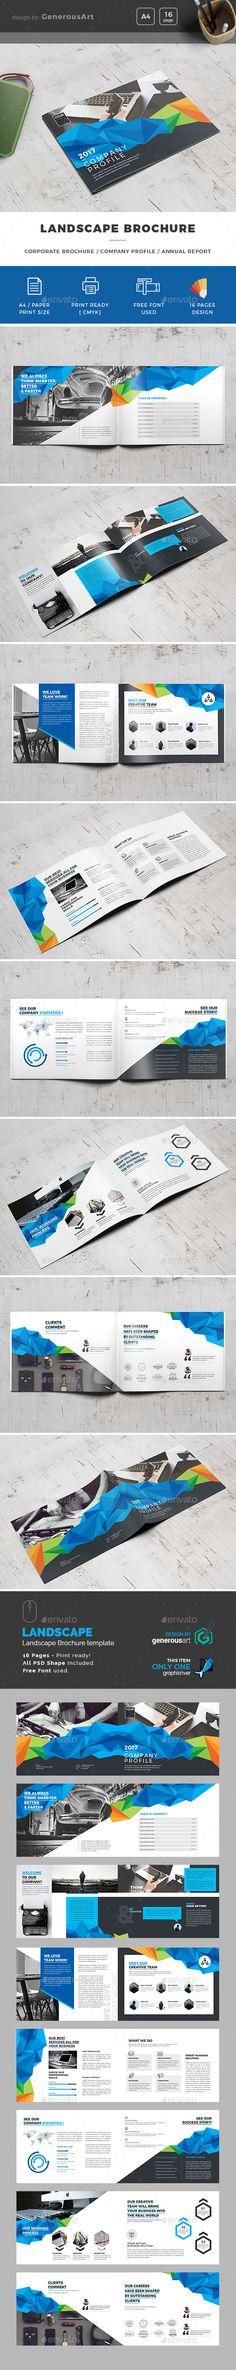 Landscape Brochure Template PSD